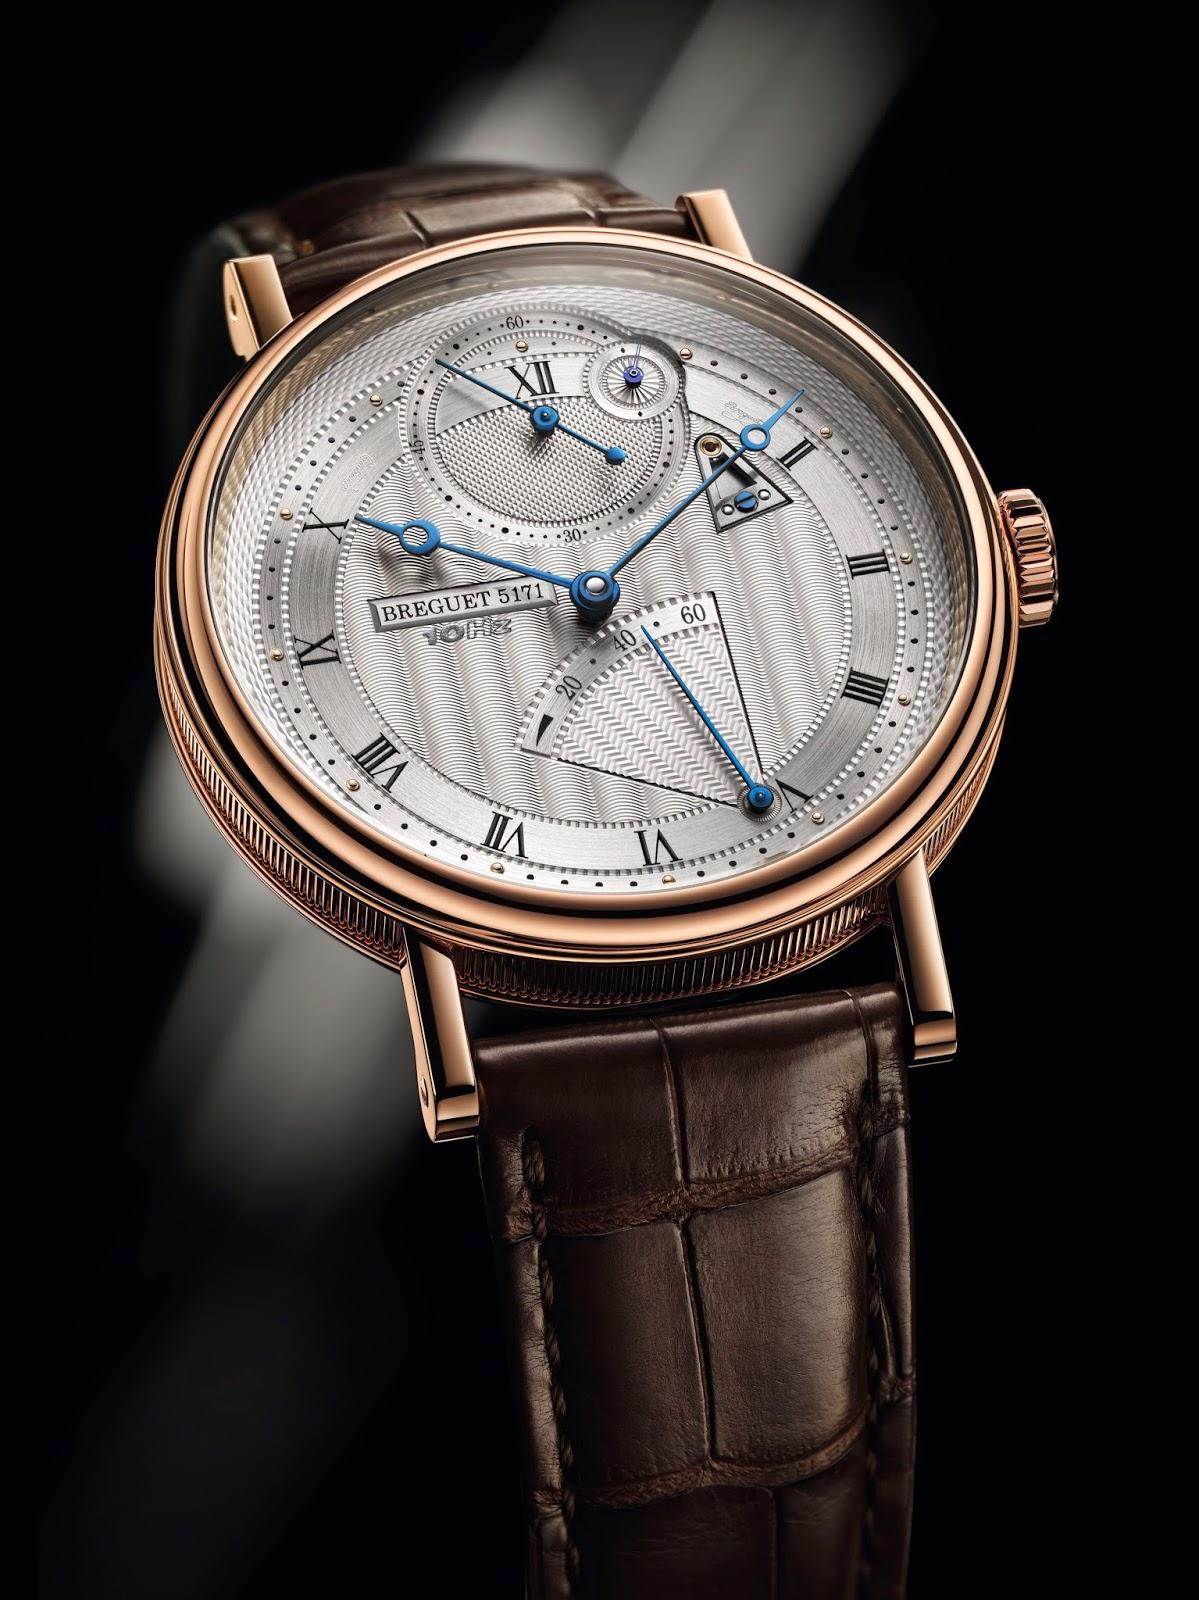 Breguet, Classique Chronométrie1